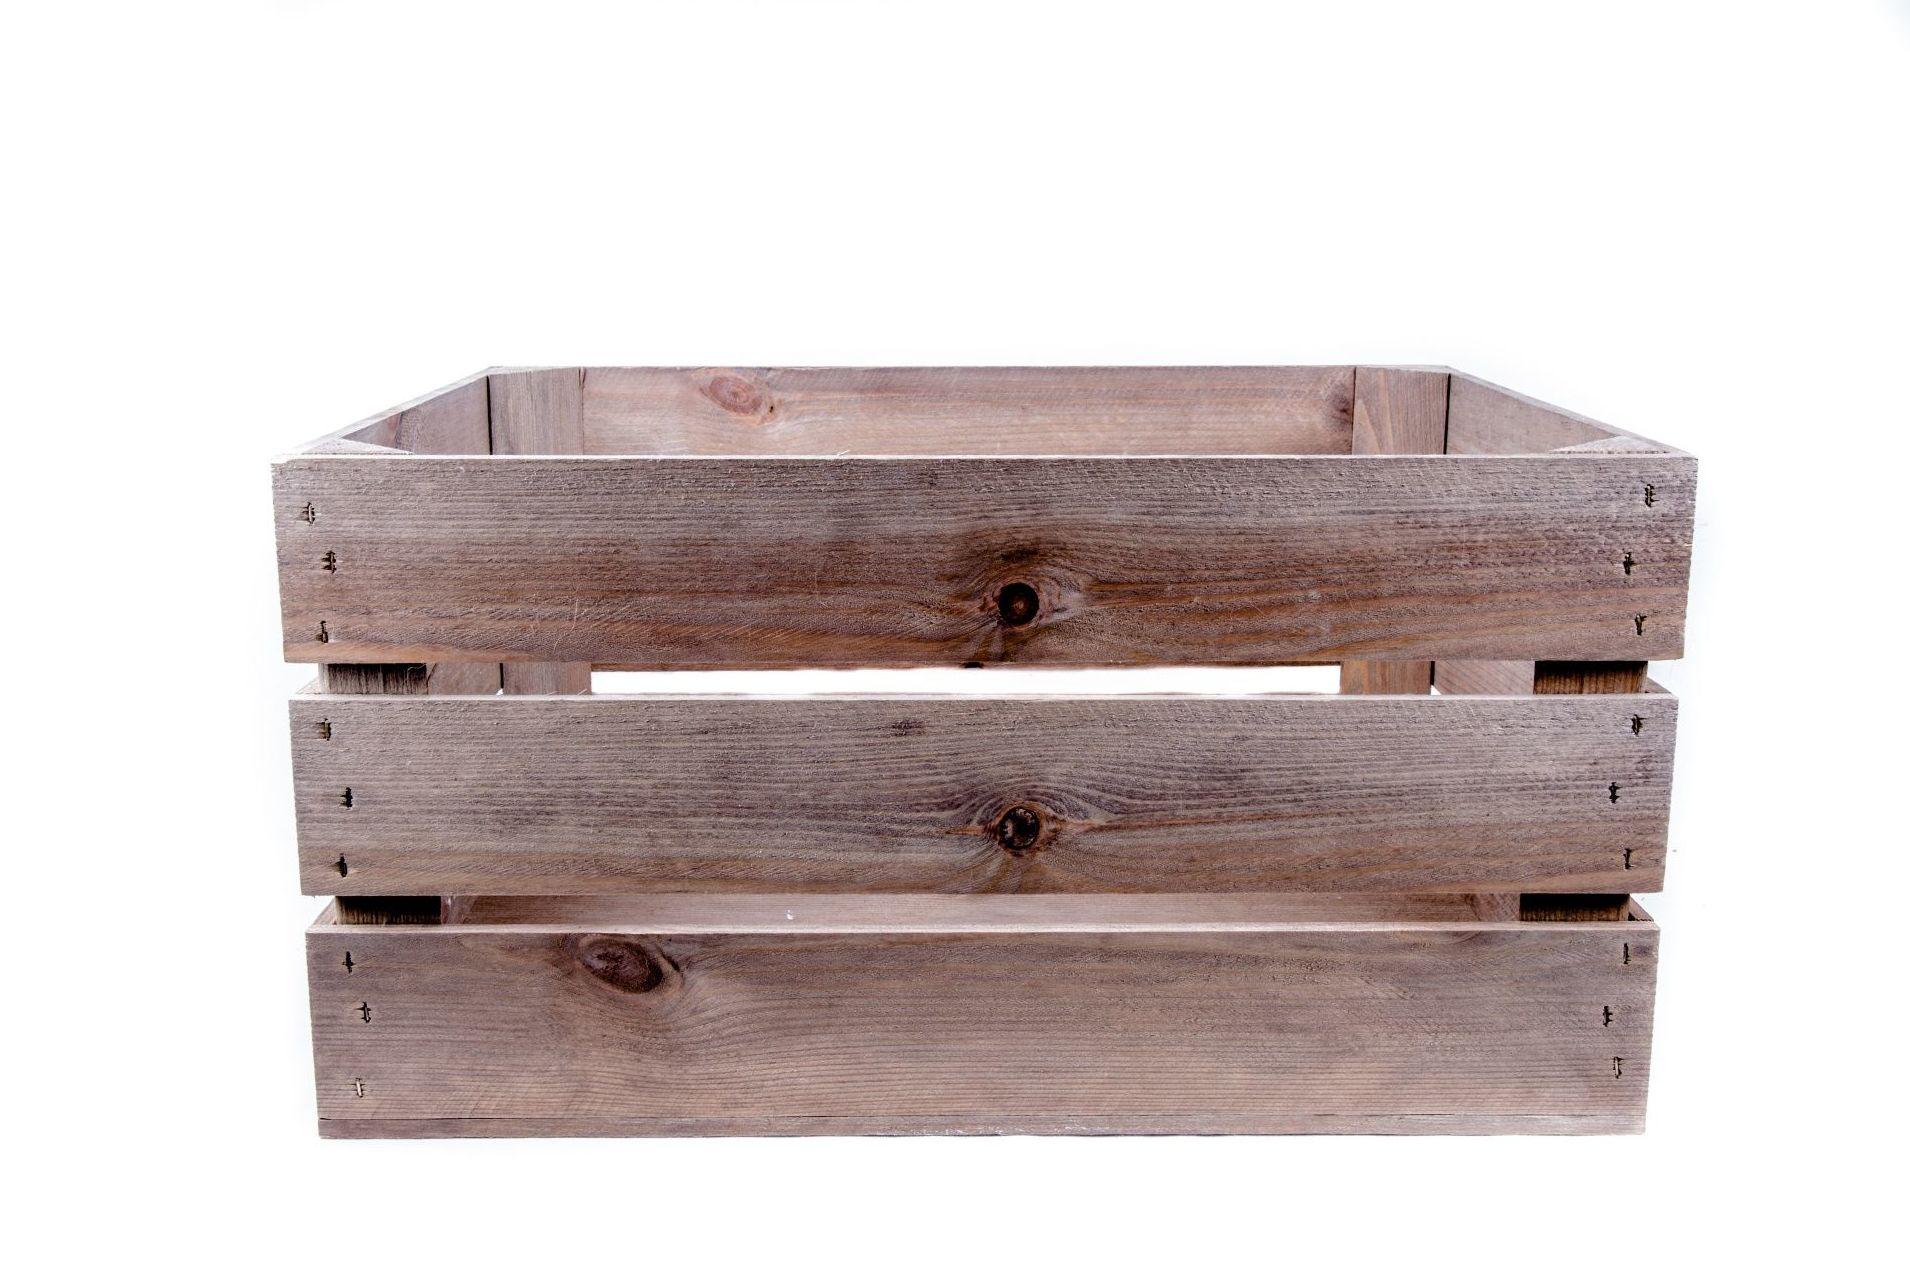 Embalajes de madera: Productos y servicios de Maderas Joaquín Perea Jurado e Hijos